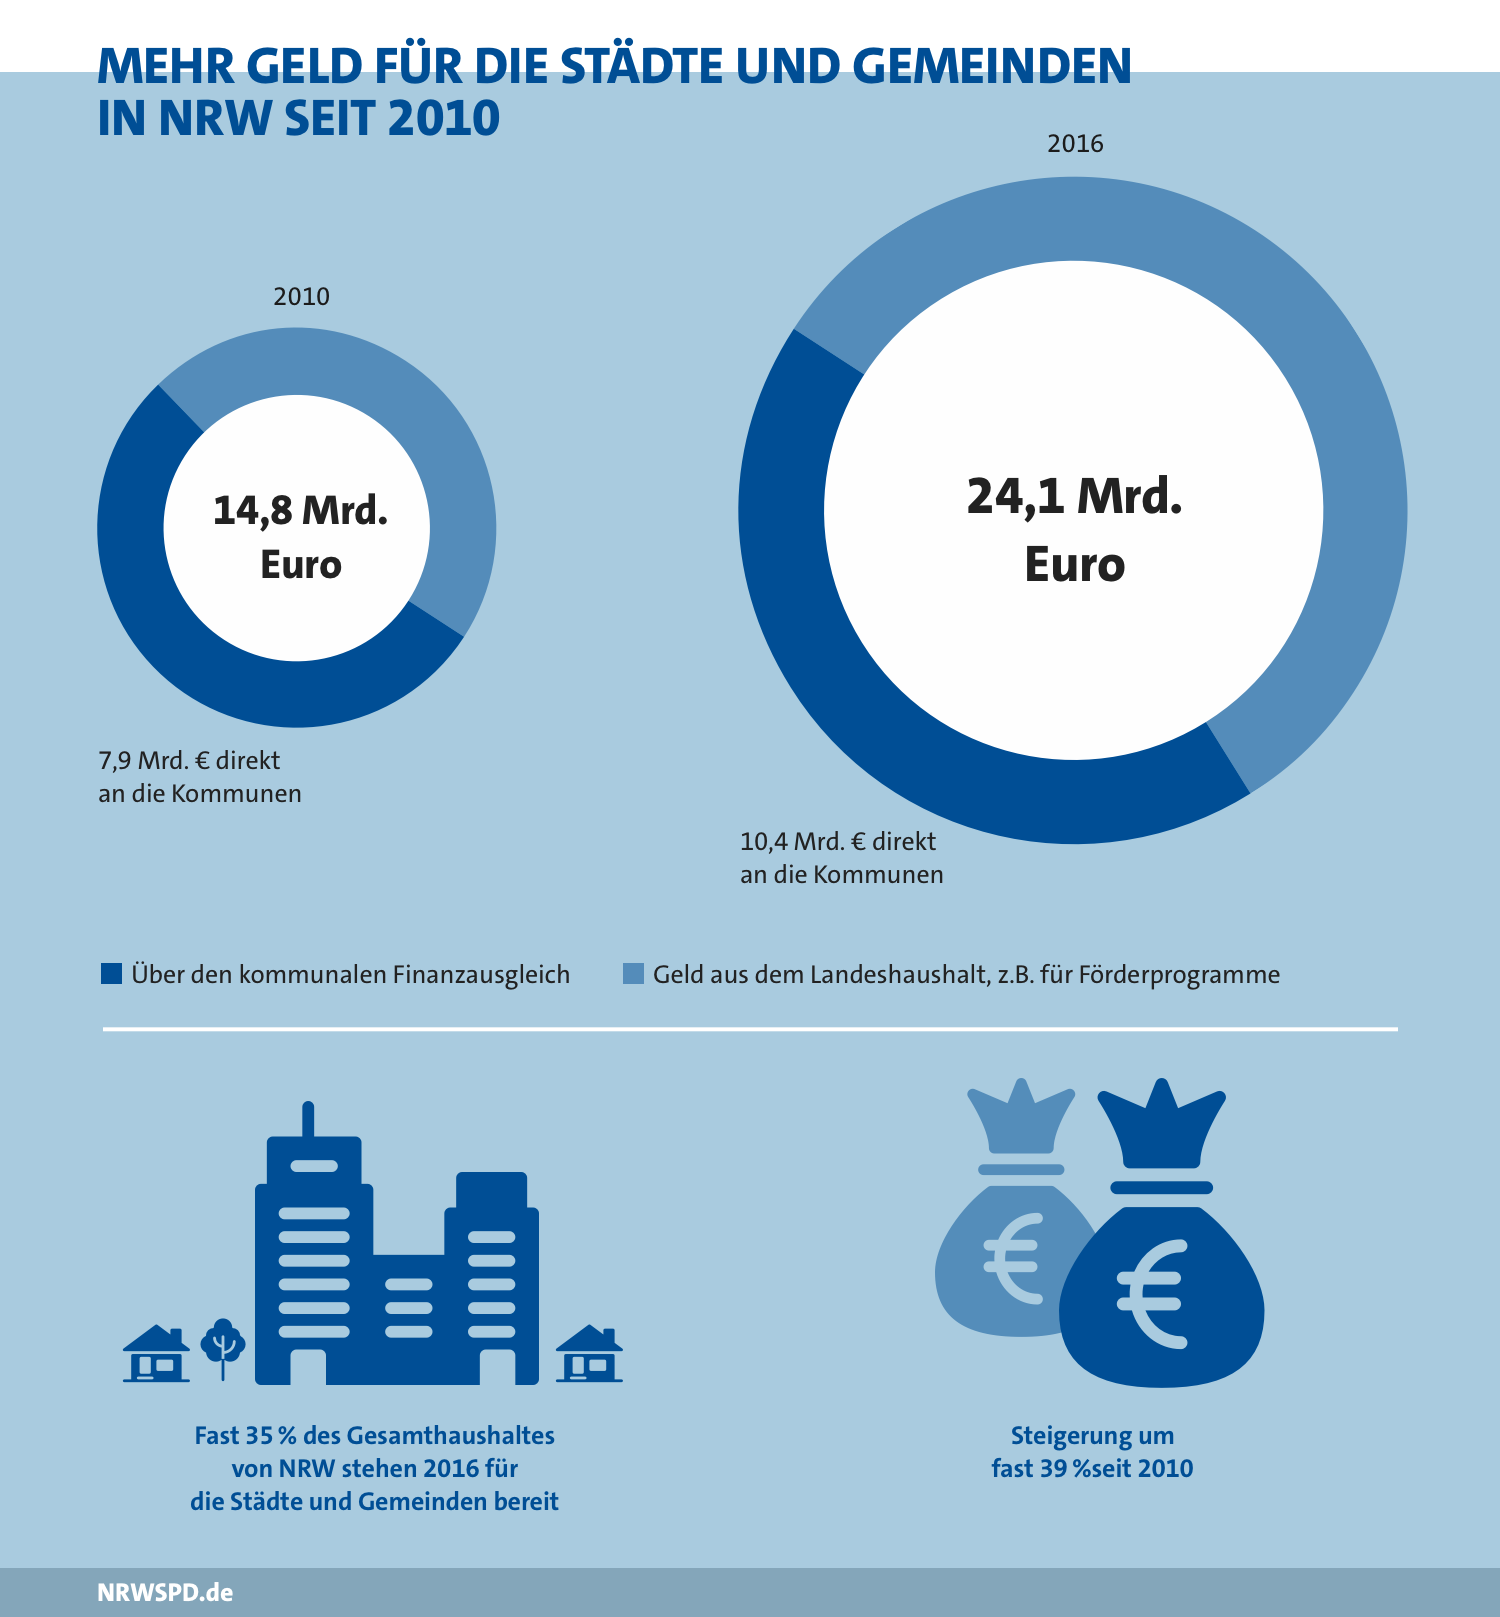 Grafik zu dem erhaltenen Geld der Städte und Gemeinden. 2010 rund 14,8 Milliarden Euro zu rund 55% über den kommunalen Finanzausgleich. 2016 24,1 Milliarden Euro zu rund 60% aus dem Landeshaushalt. Fast 35% des Gesamthaushaltes von NRW stehen 2016 für die Städte und Gemeinden bereit. Dies war eine Steigerung um fast 39% seit 2010